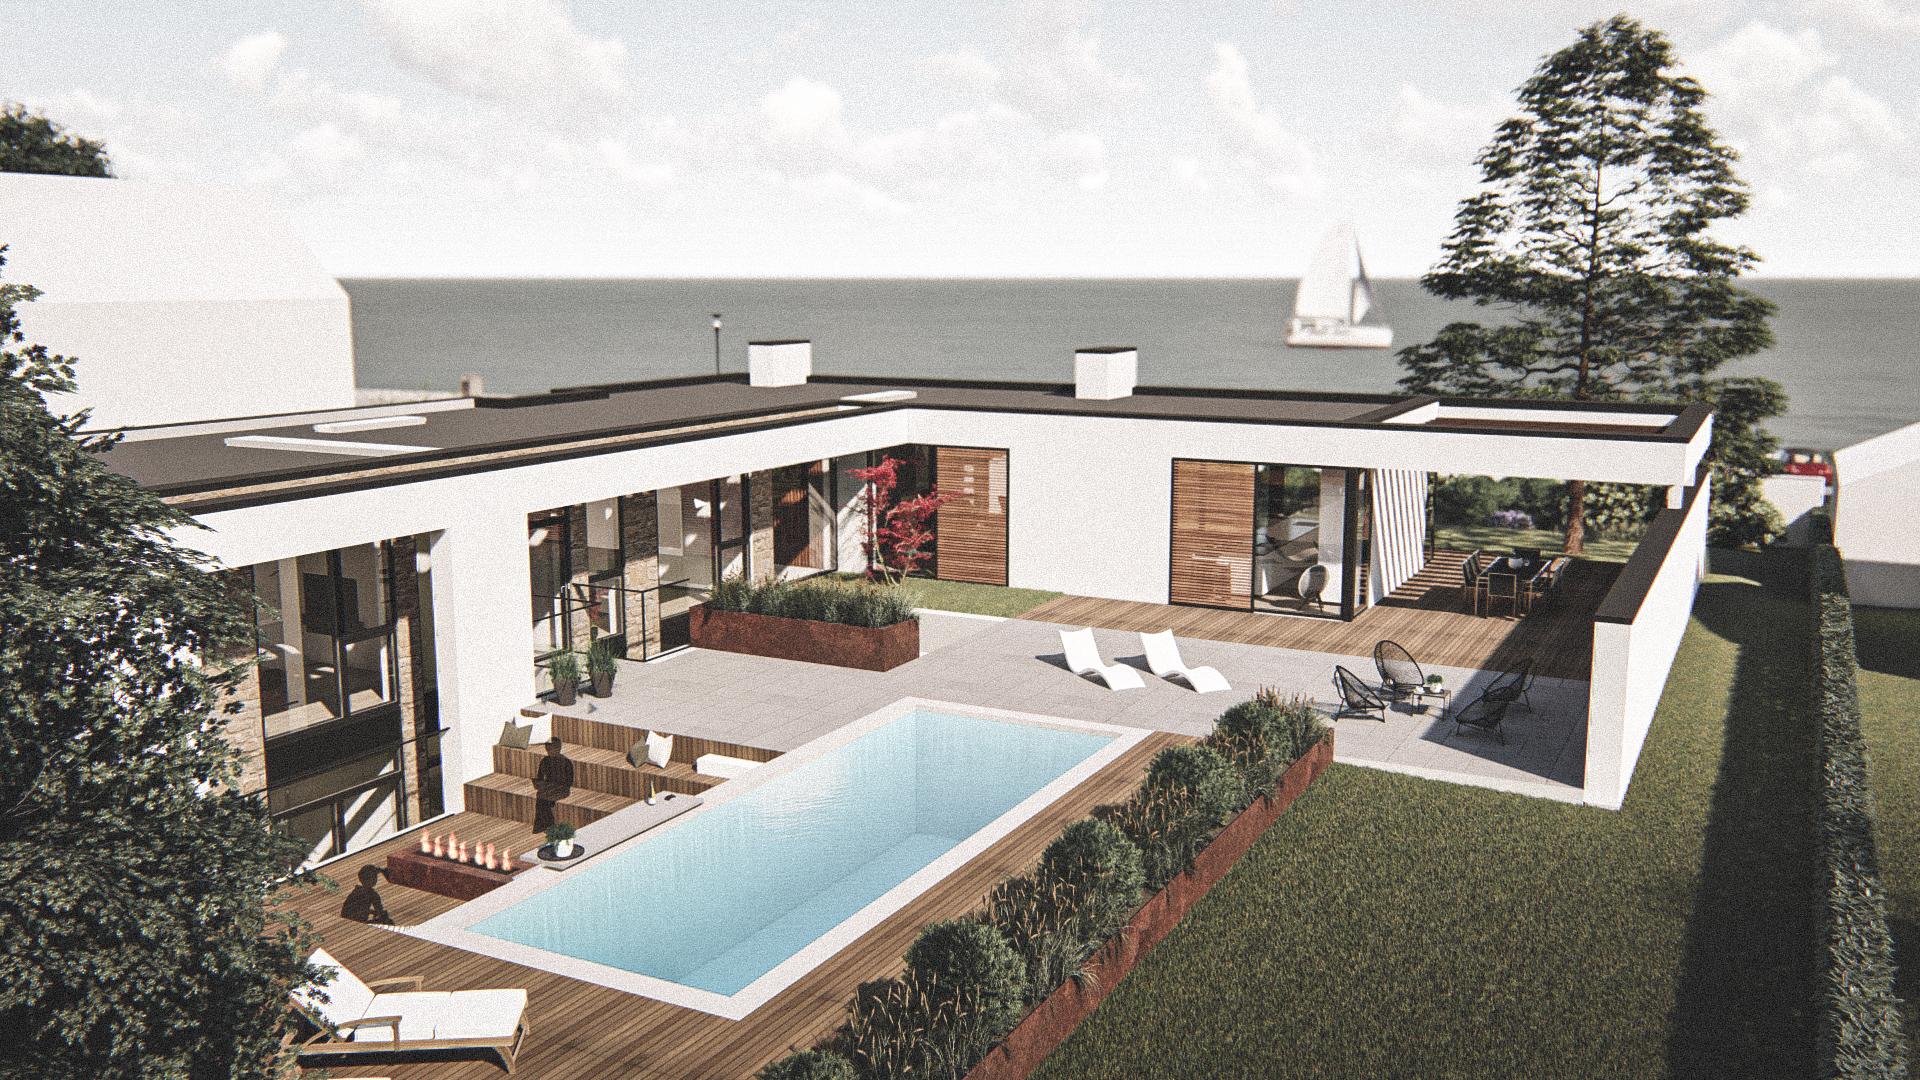 Billede af Dansk arkitekttegnet 2 plan villa af arkitektfirmaet m2plus, i Rungsted Kyst på 412 kvartratmeter.